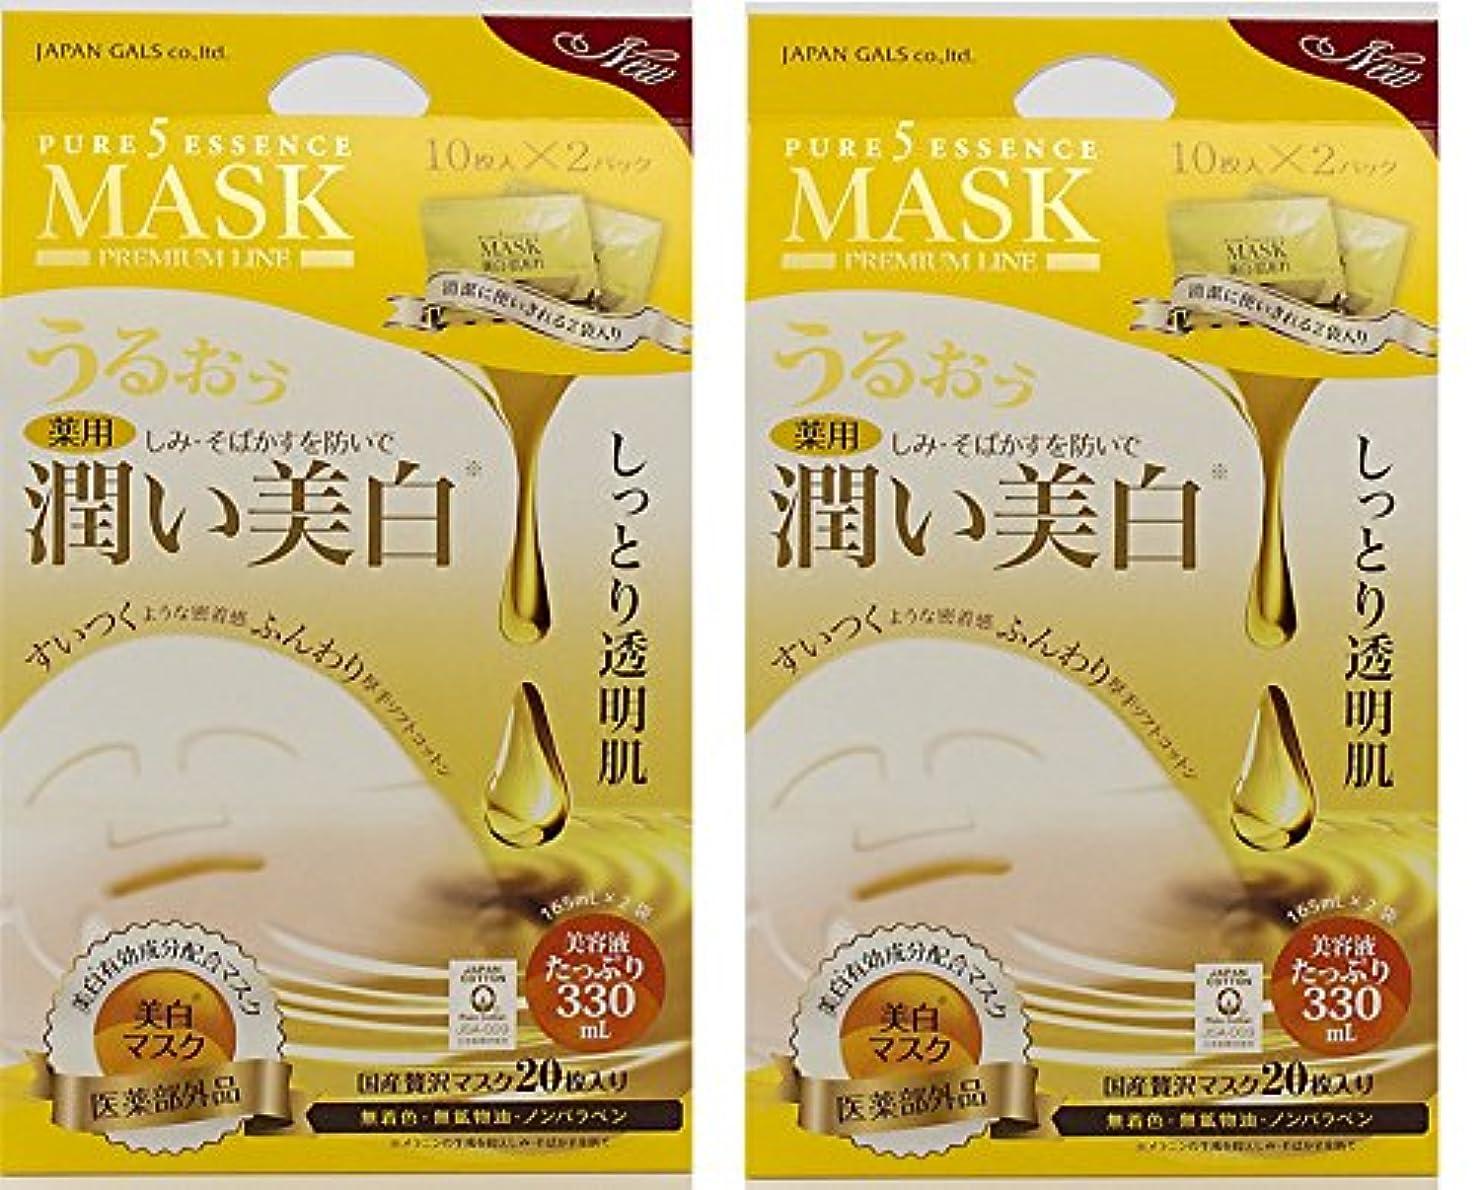 簡単な袋埋め込む【お得なまとめ買い】ジャパンギャルズ ピュア5エッセンスマスク(薬用) 10枚入り×2袋【2個セット】